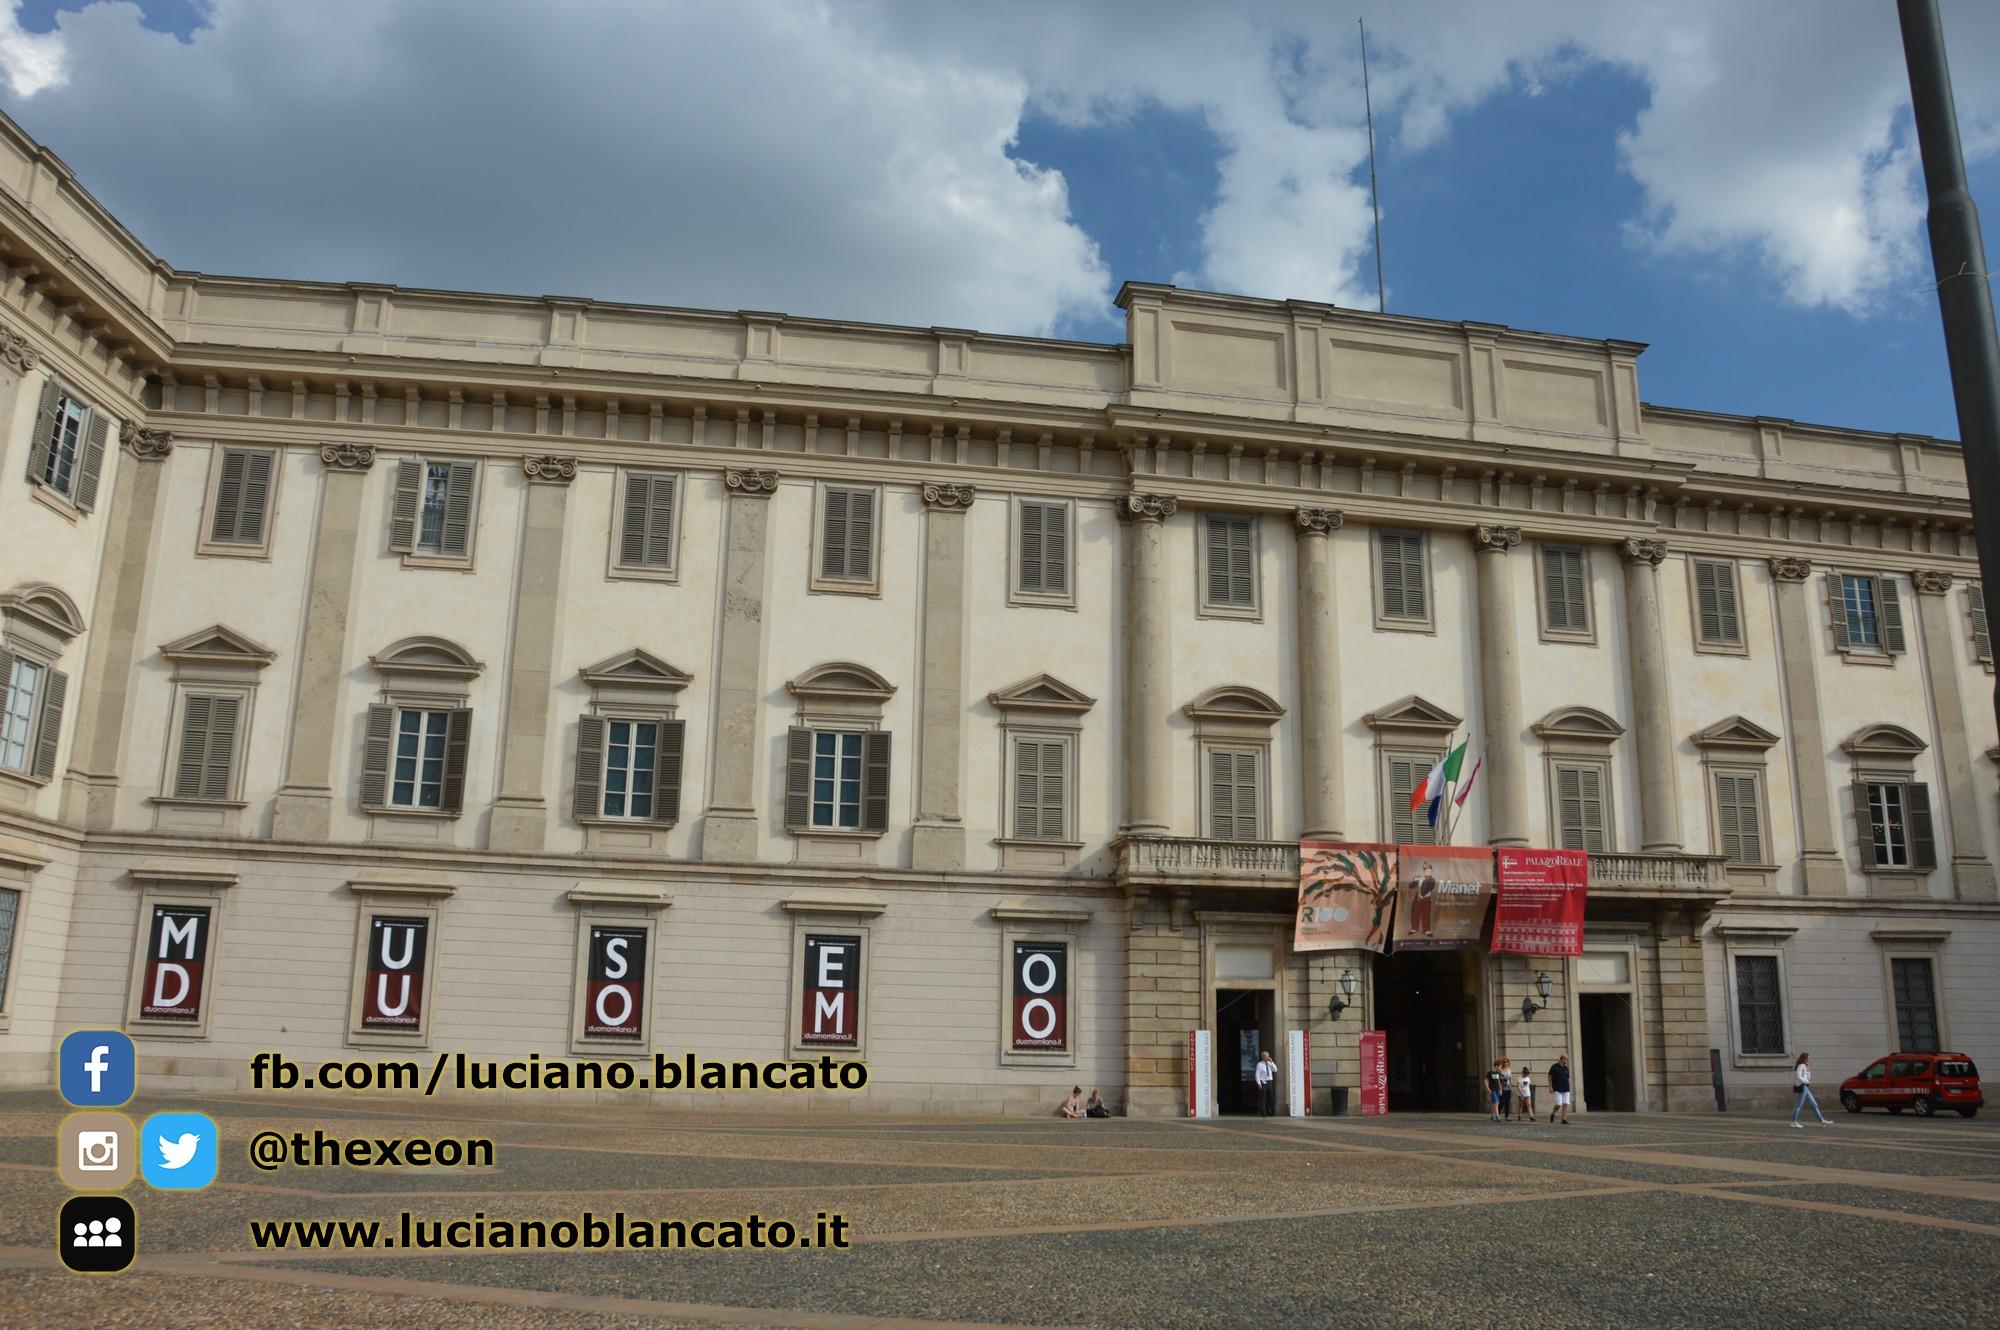 Milano - Museo del duomo